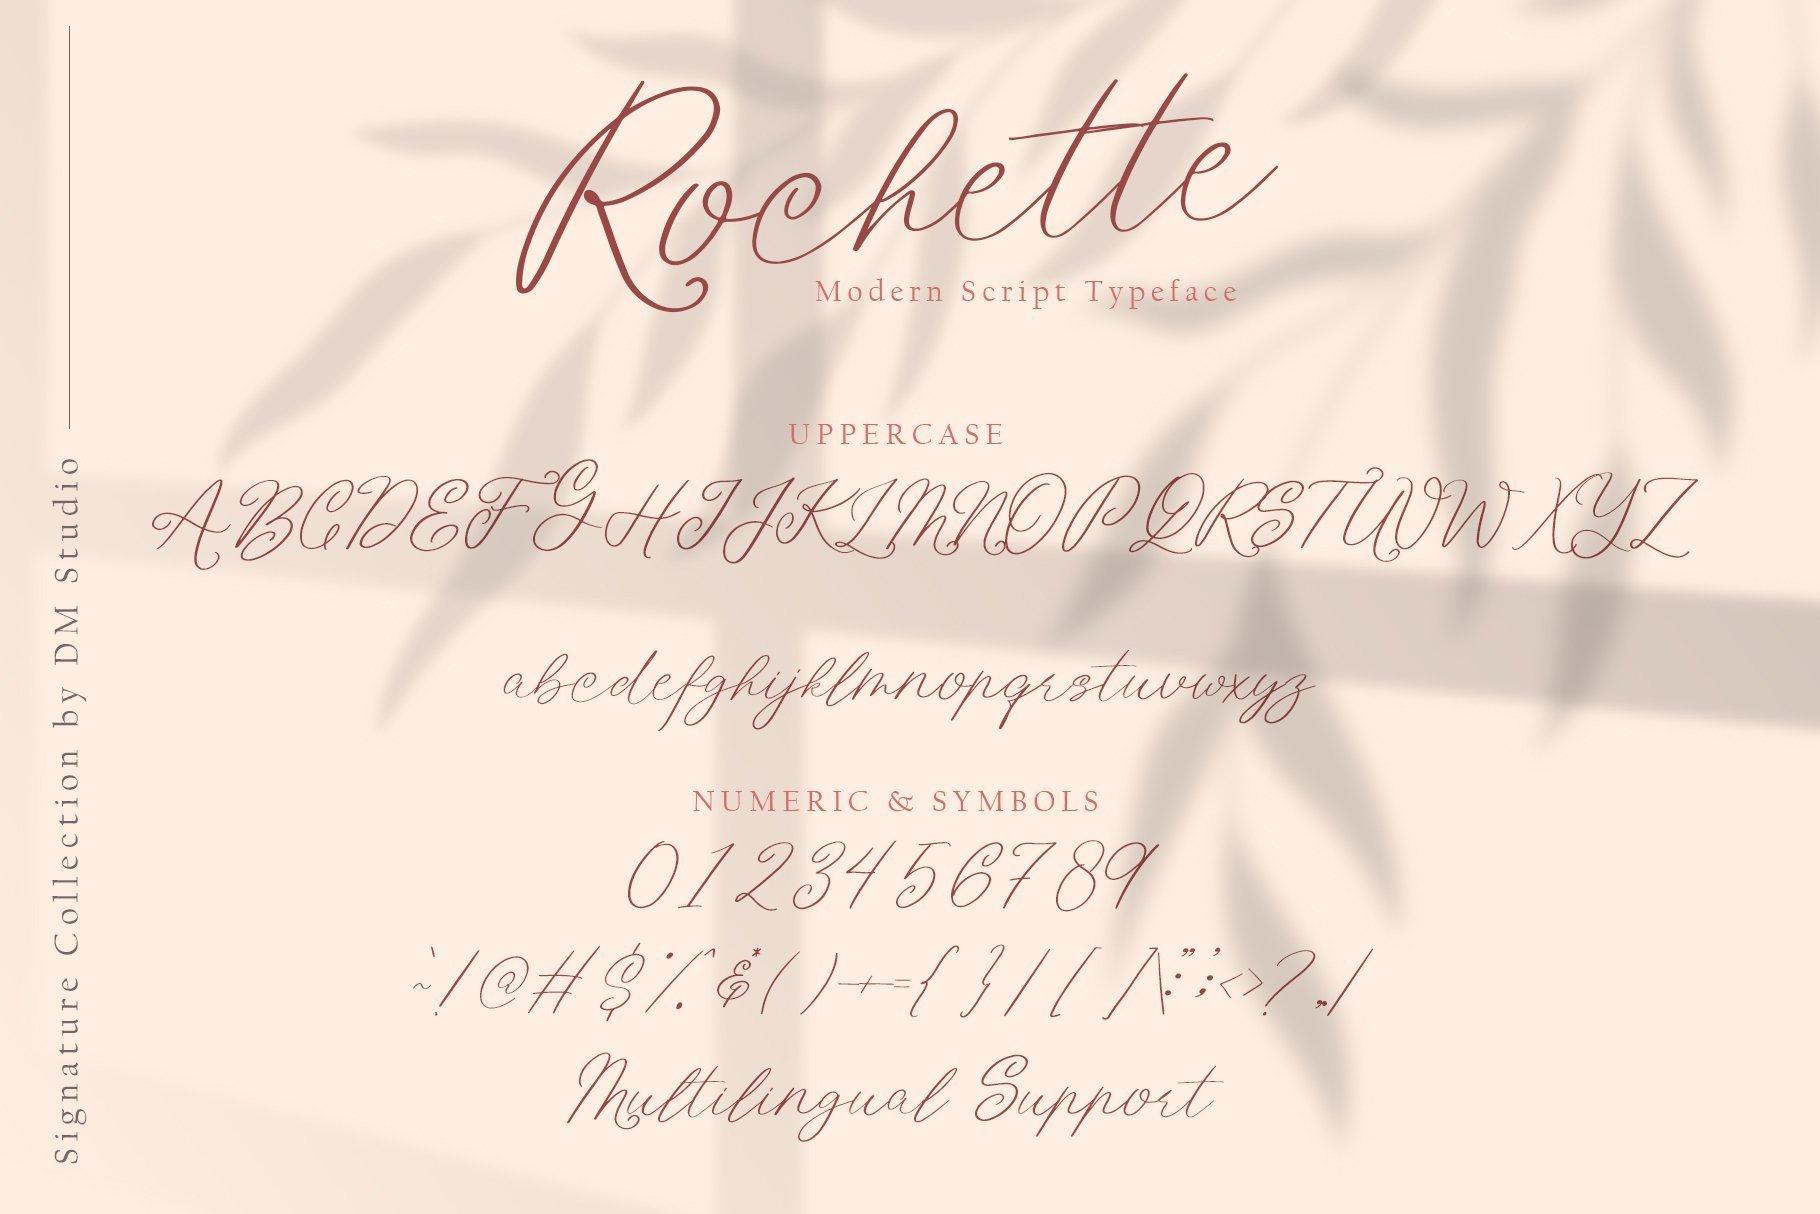 Rochette-Font-3